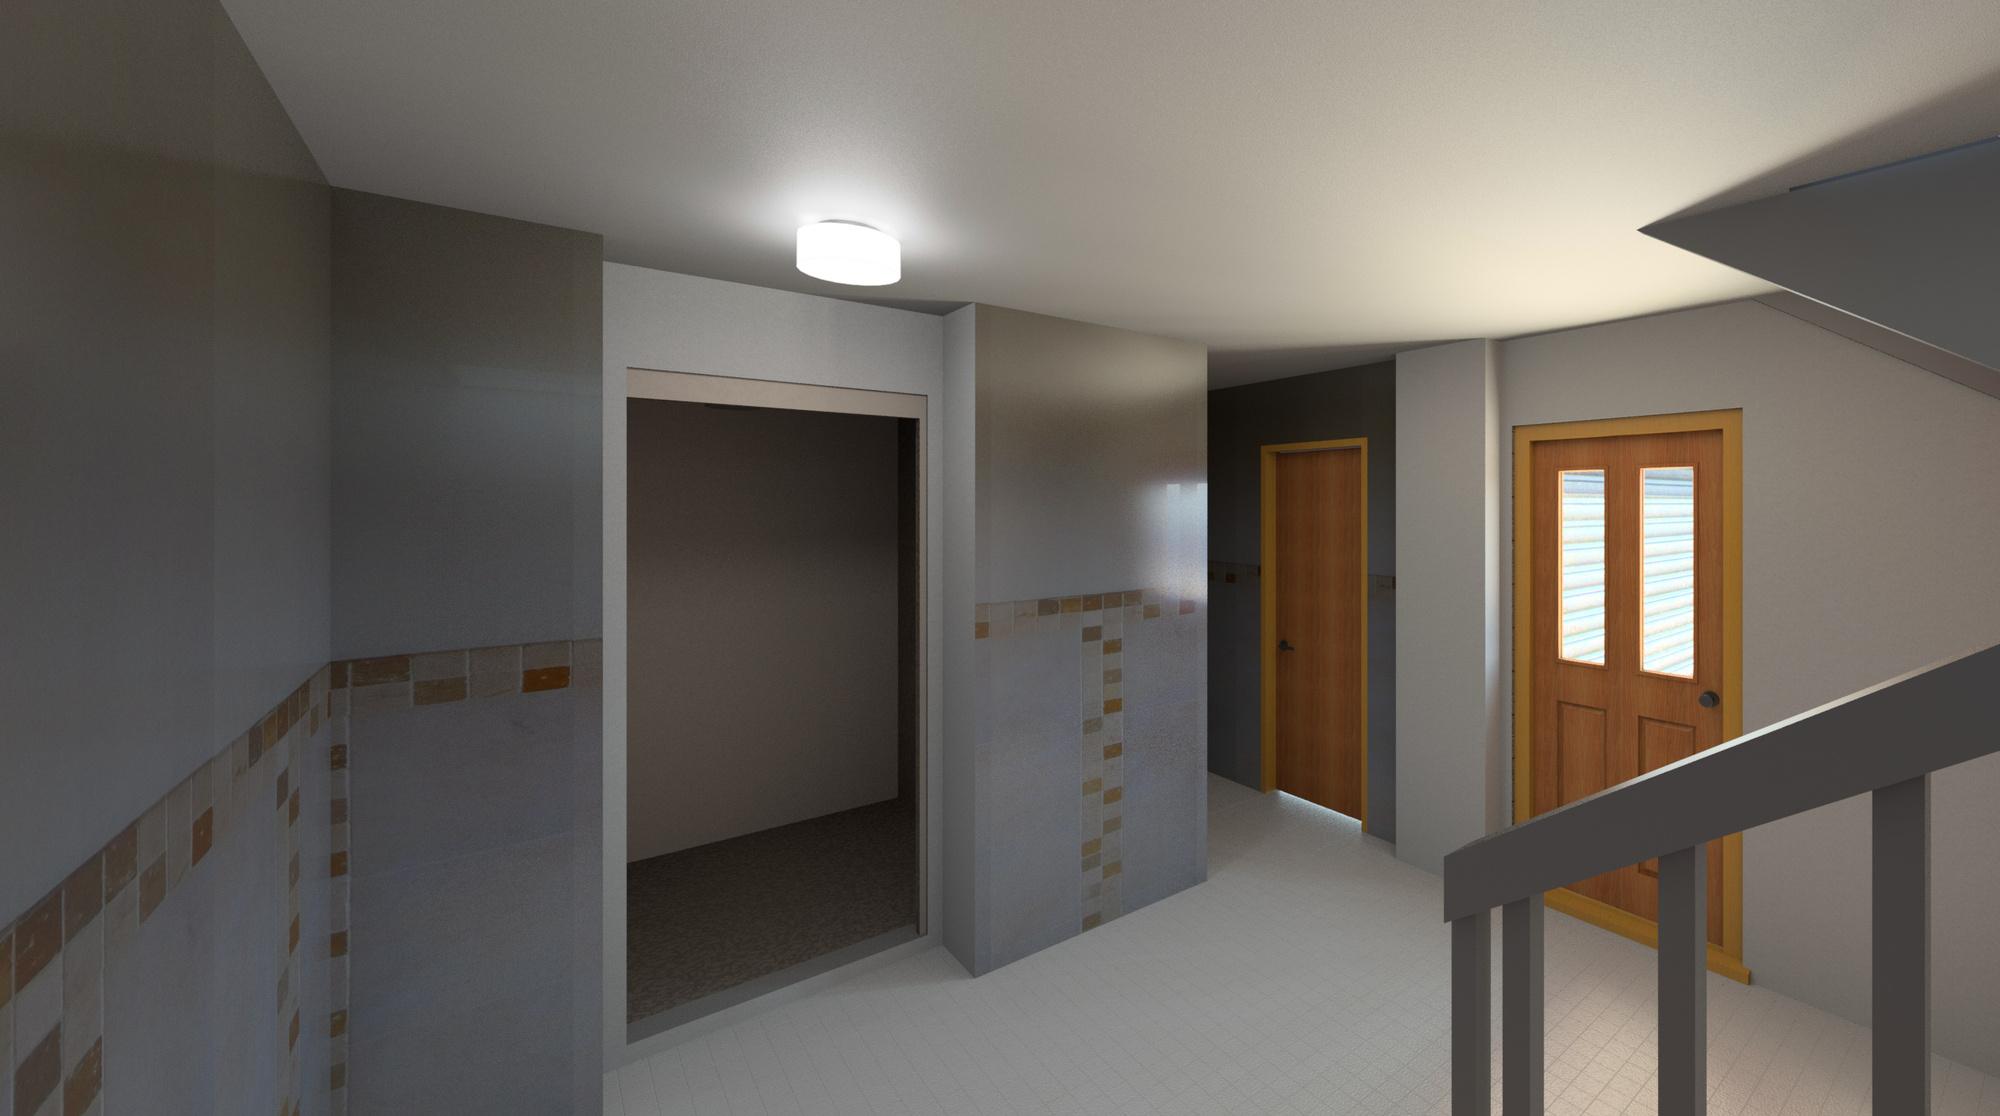 Raas-rendering20150314-8424-1oiz1xt